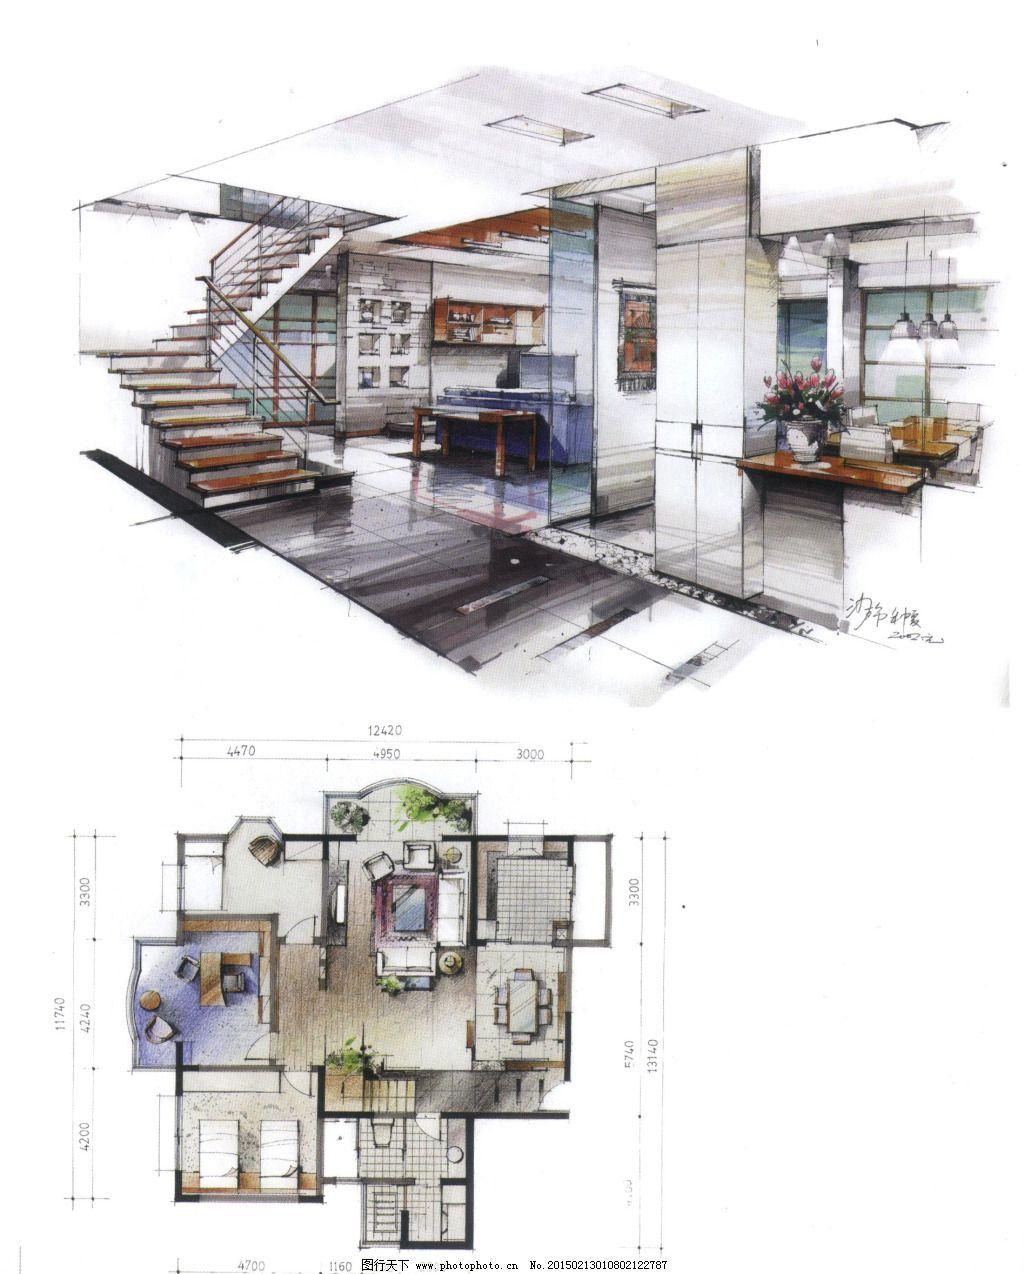 房子 建筑家居 室内设计 手绘图片 家居建筑 室内设计 手绘图片 房屋